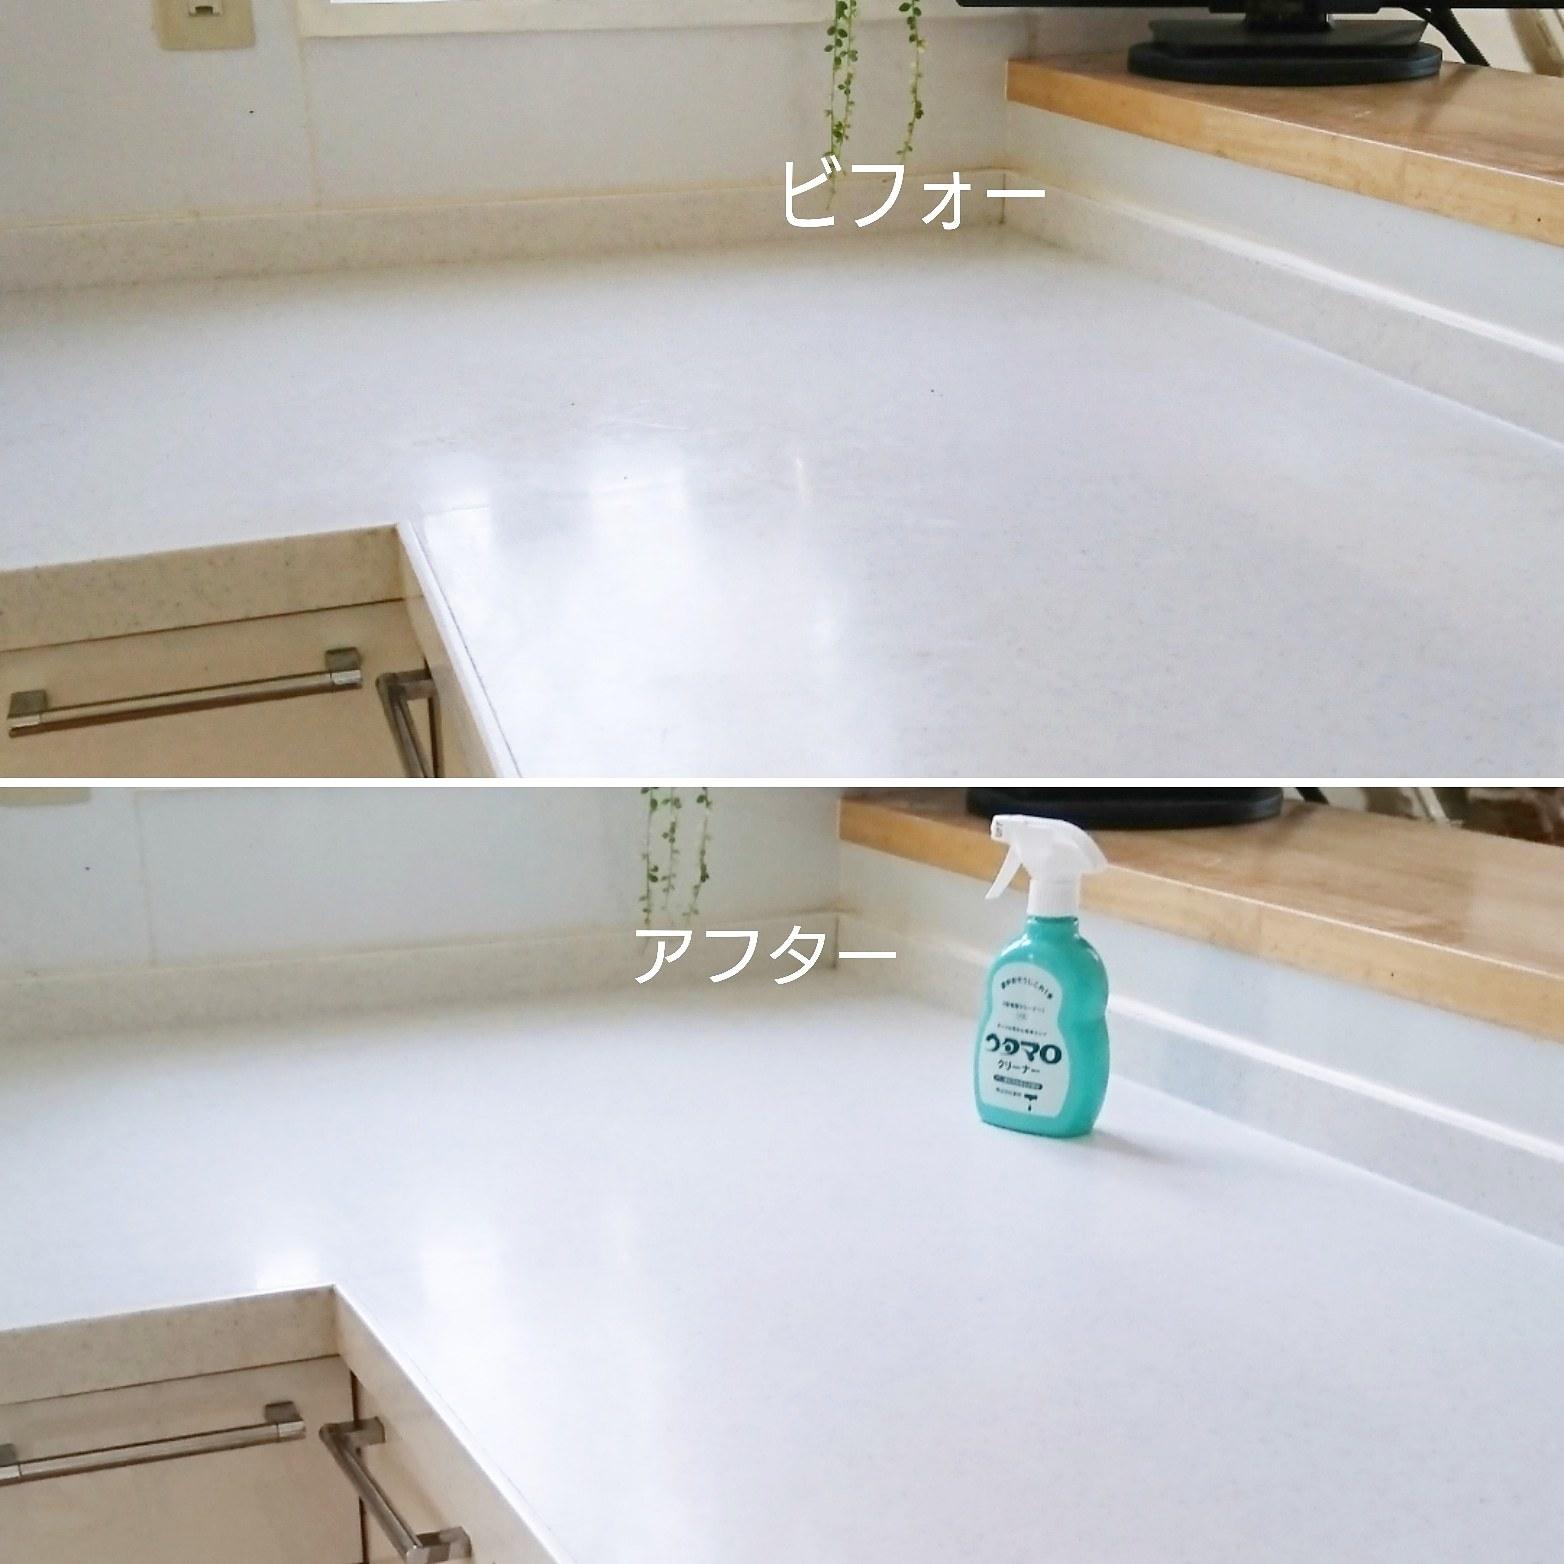 ++キッチン調理台の丸洗い*++_e0354456_10095710.jpg